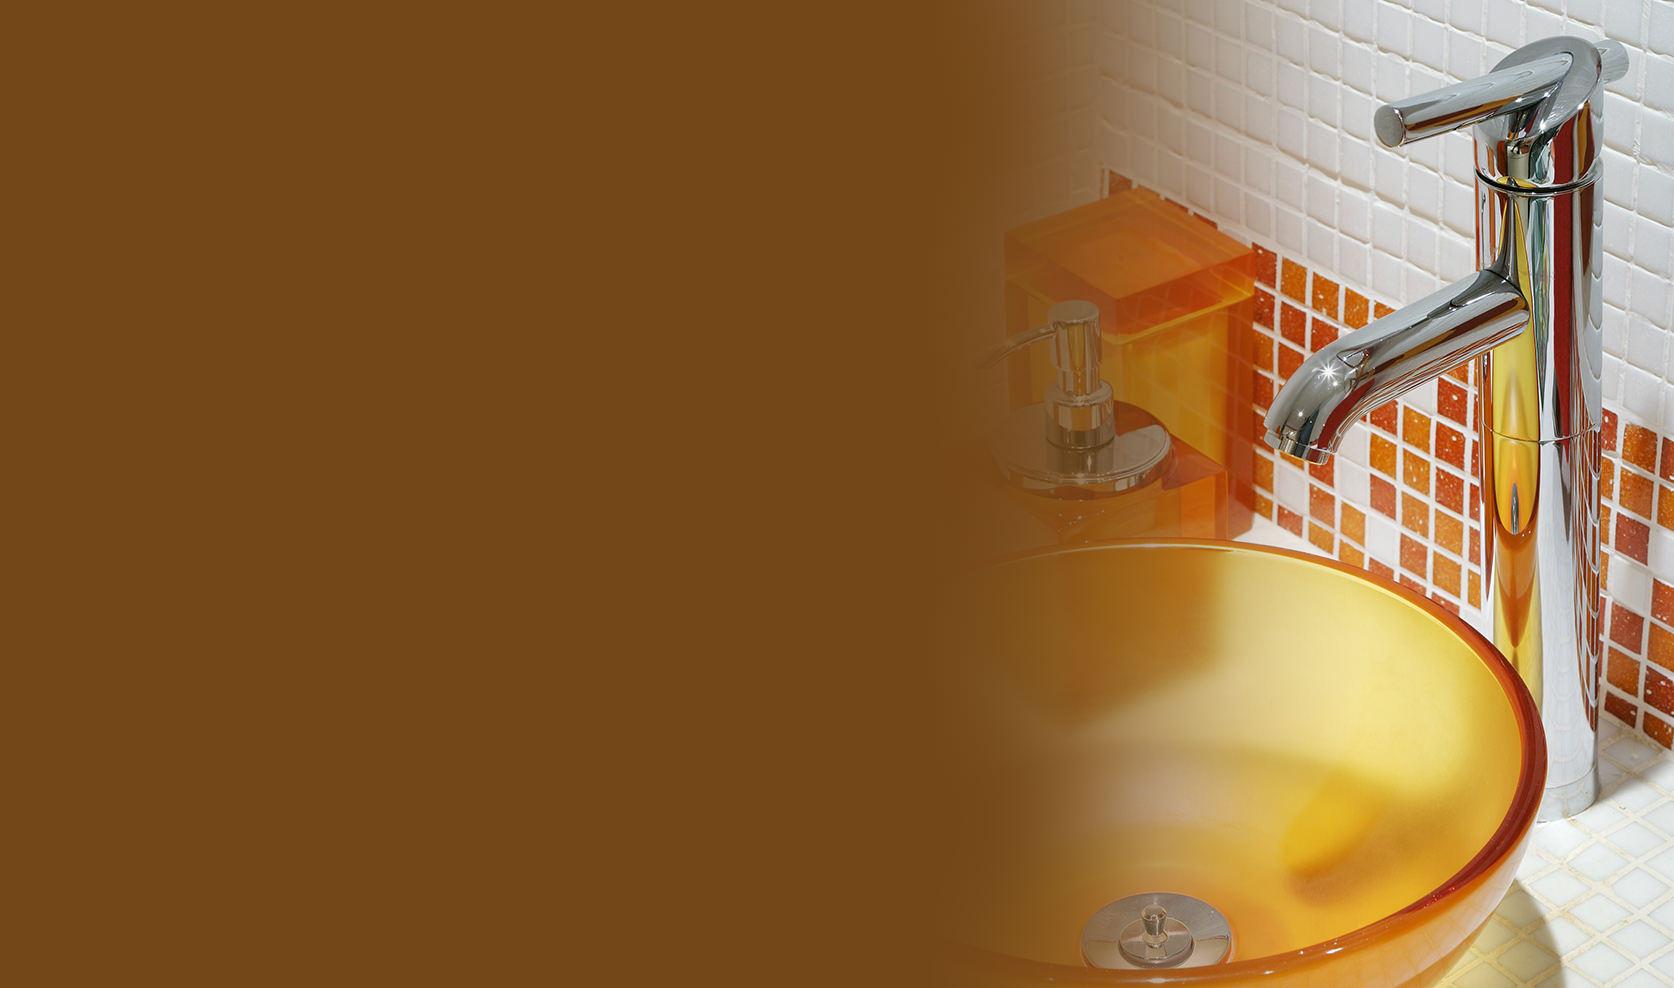 Monocomandos Banheiro Fabrimar #B34910 1674x988 Acabamento Banheiro Fabrimar